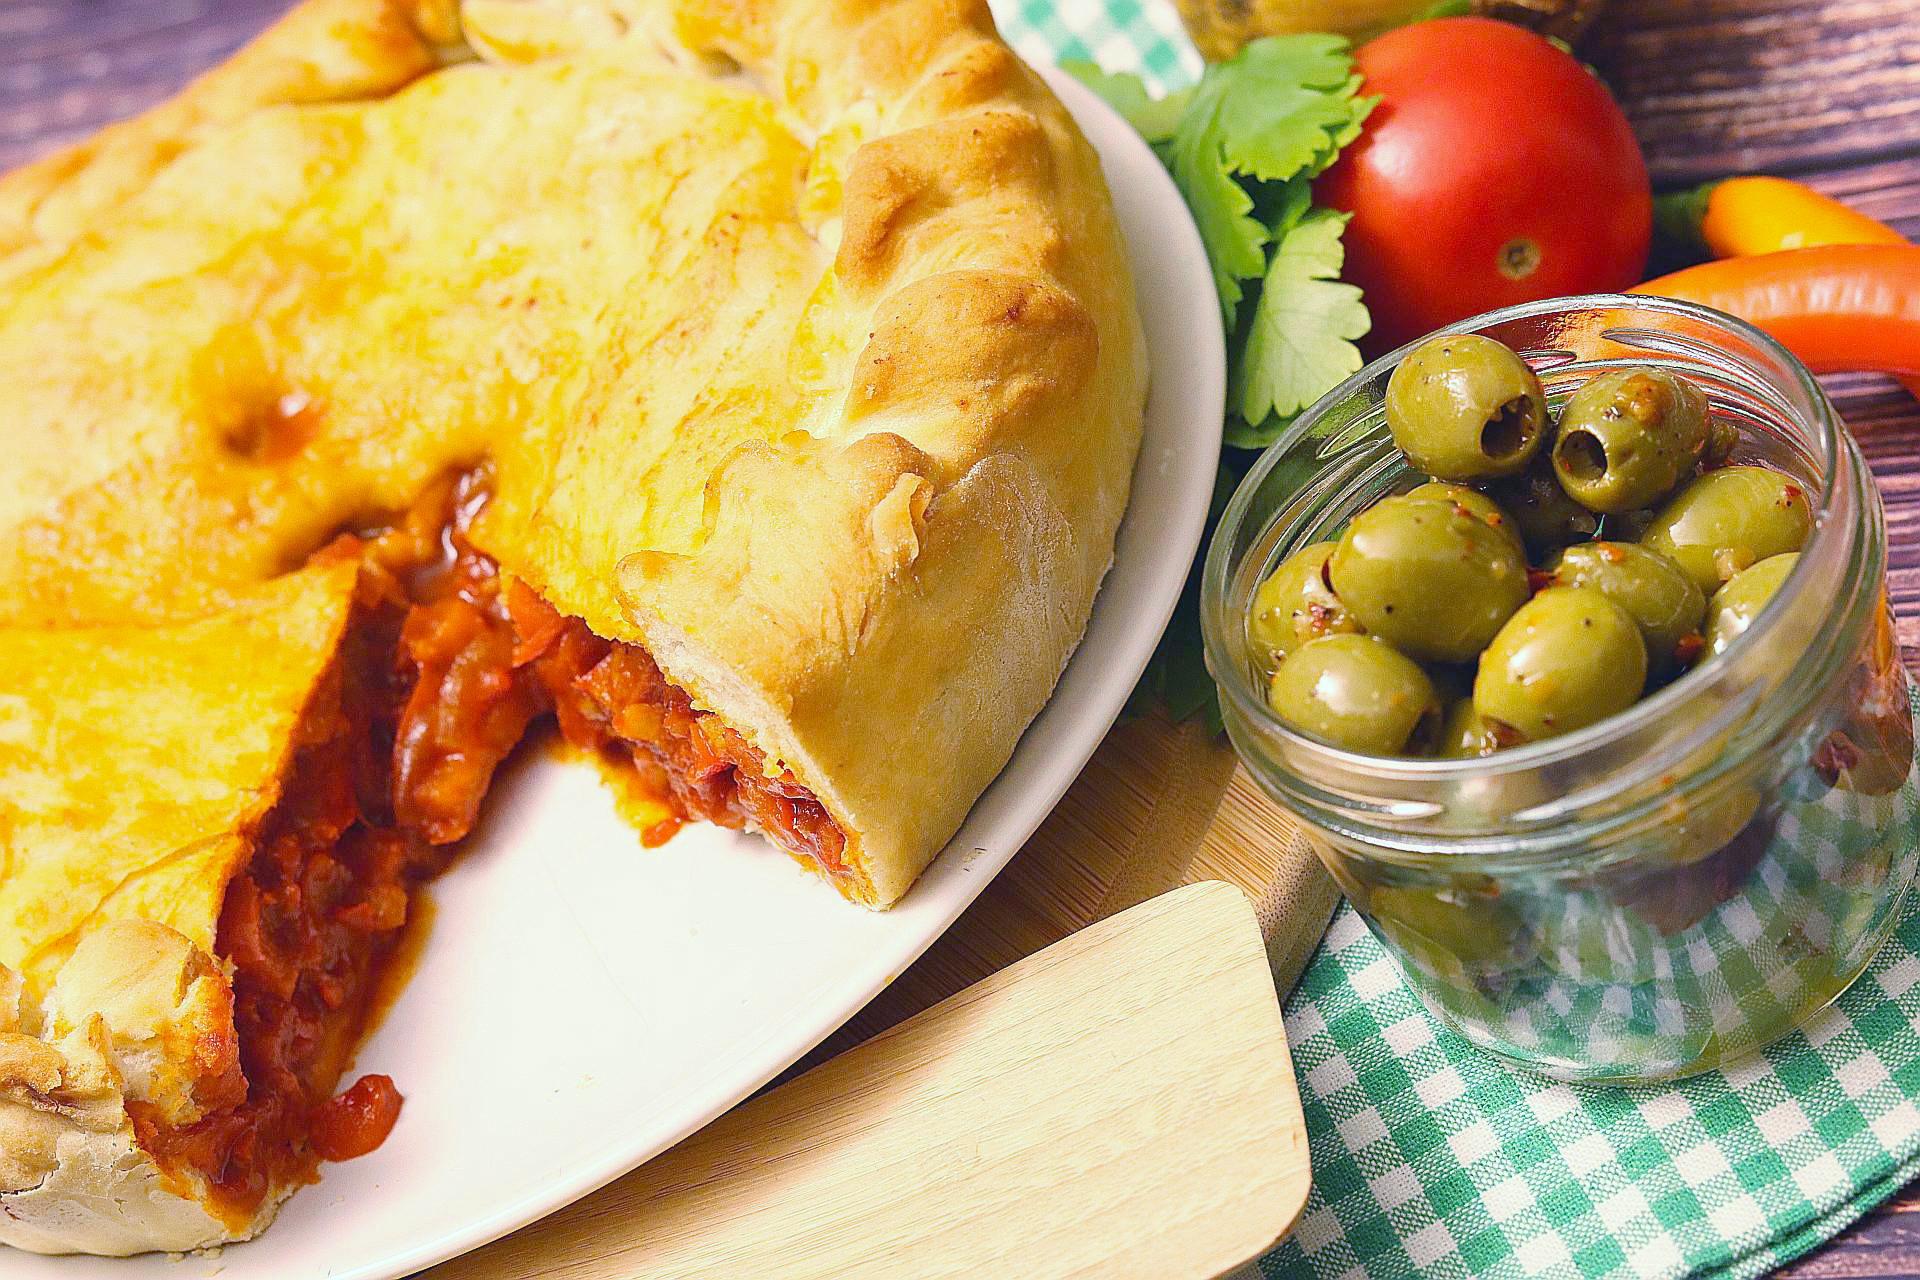 Empanada de Pimientos, geschnitten